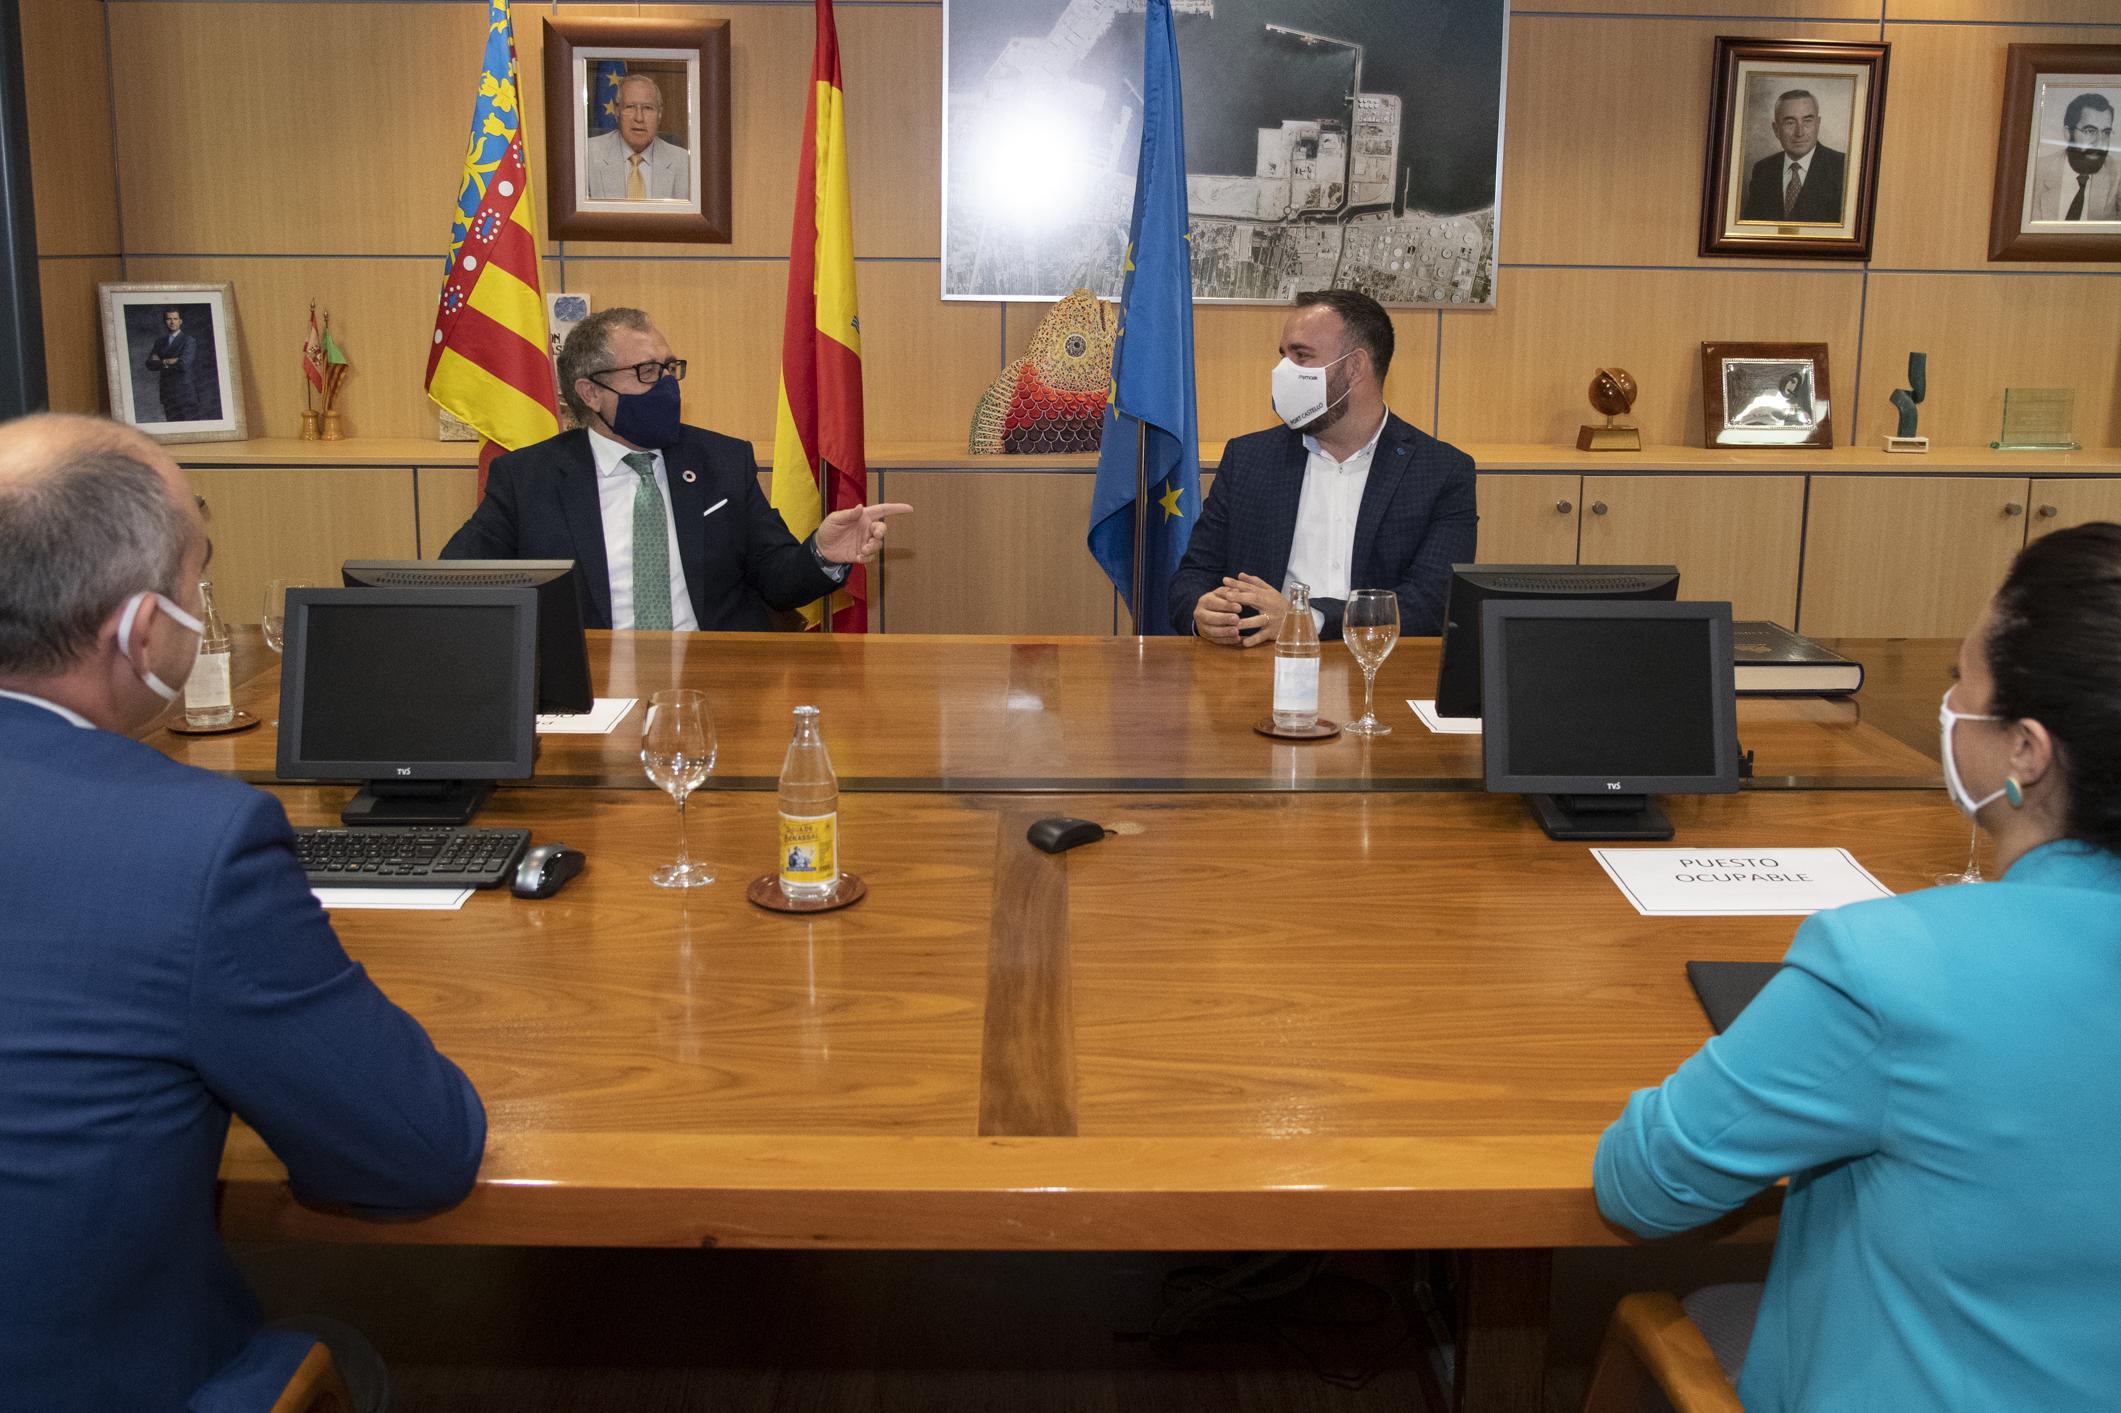 PortCastelló  y Diputación emprenderán líneas de acción conjuntas para potenciar los sectores productivos castellonenses